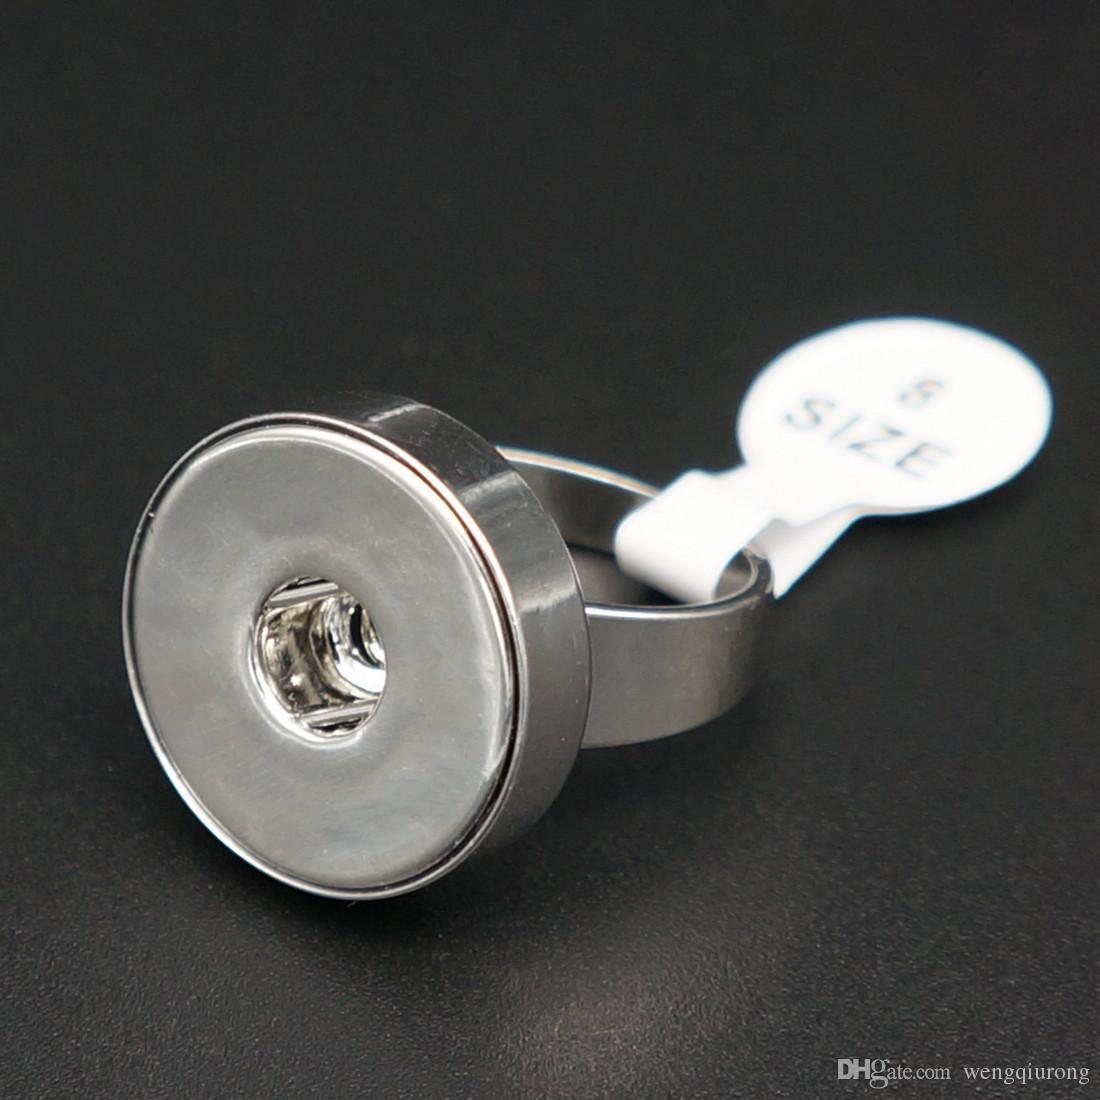 Vendita calda 10 pz JZ0017 Fascino DELL'ACCIAIO INOSSIDABILE 316L acciaio inox anello a pressione 3 dimensioni fit FAI DA TE 18mm bottoni a pressione zenzero bellezza fascino all'ingrosso